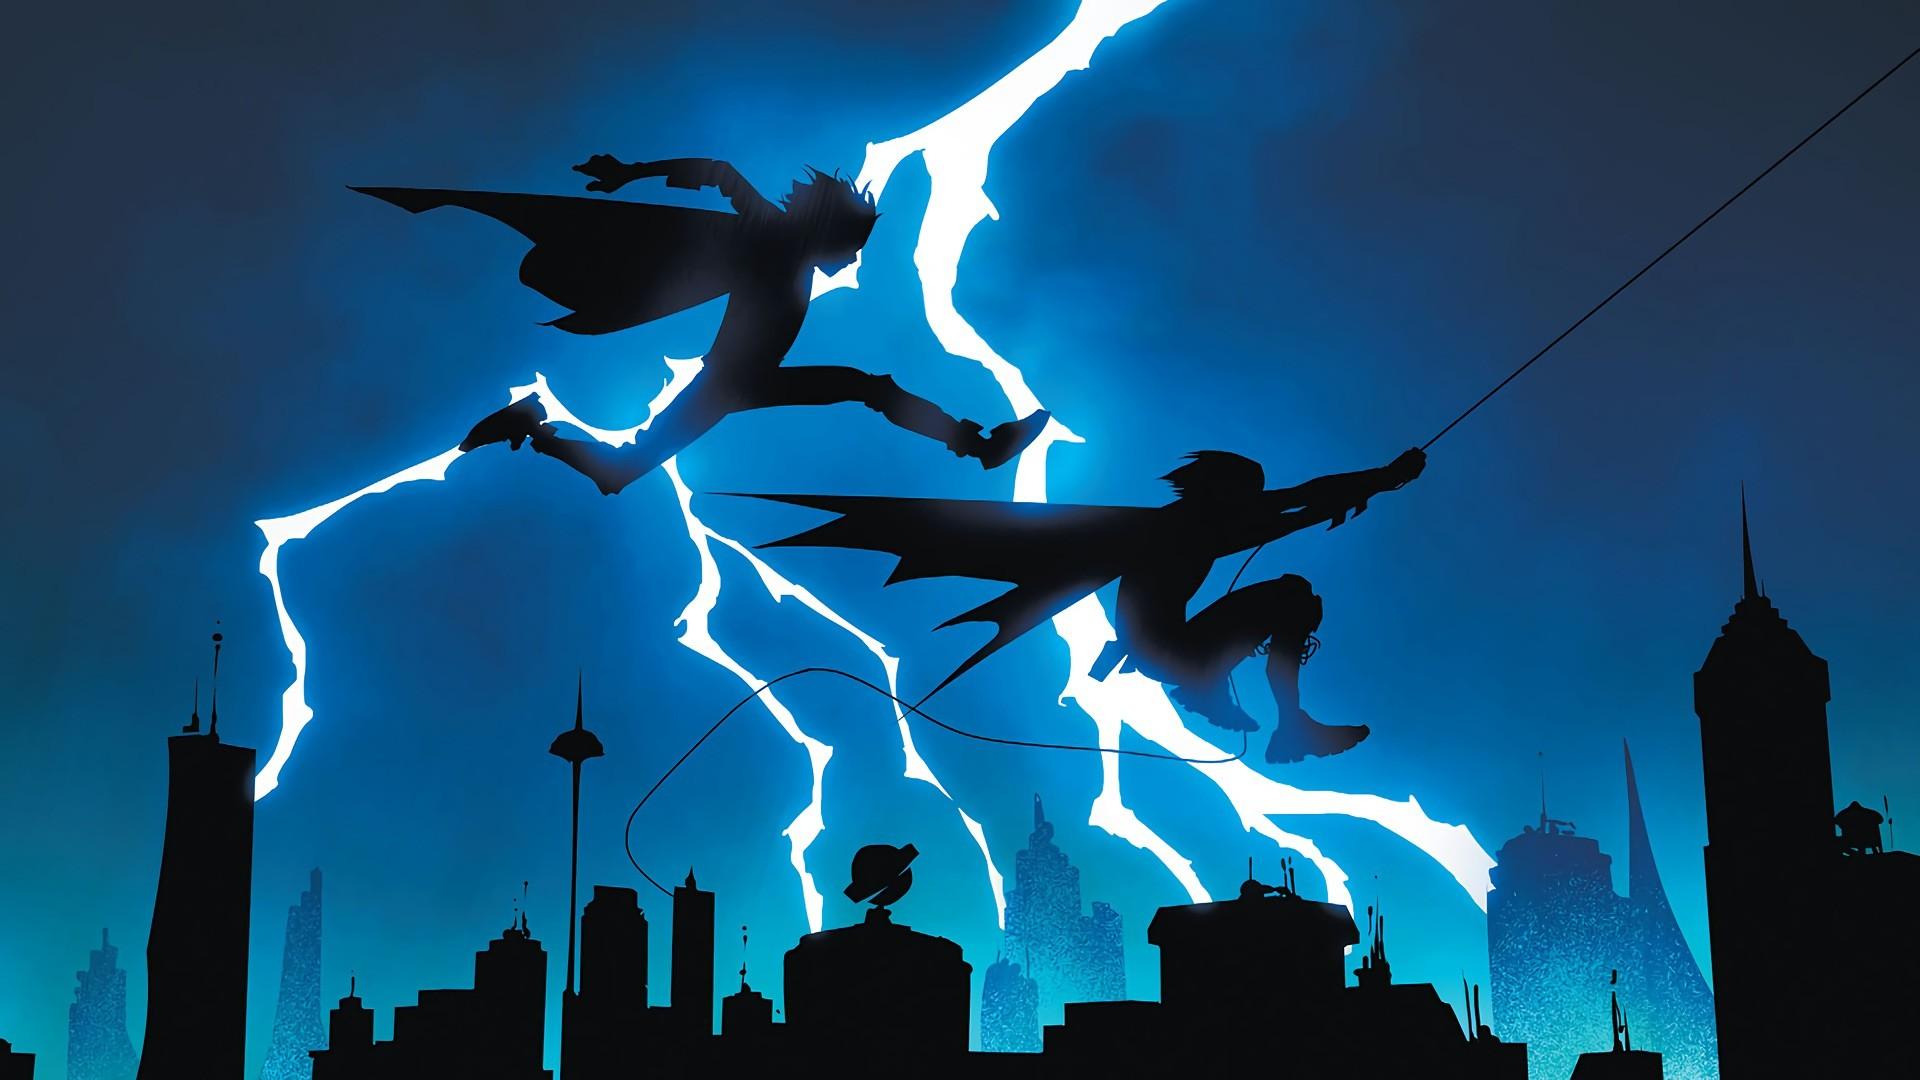 Comics – DC Comics Superboy Robin (Batman) Damian Wayne Wallpaper